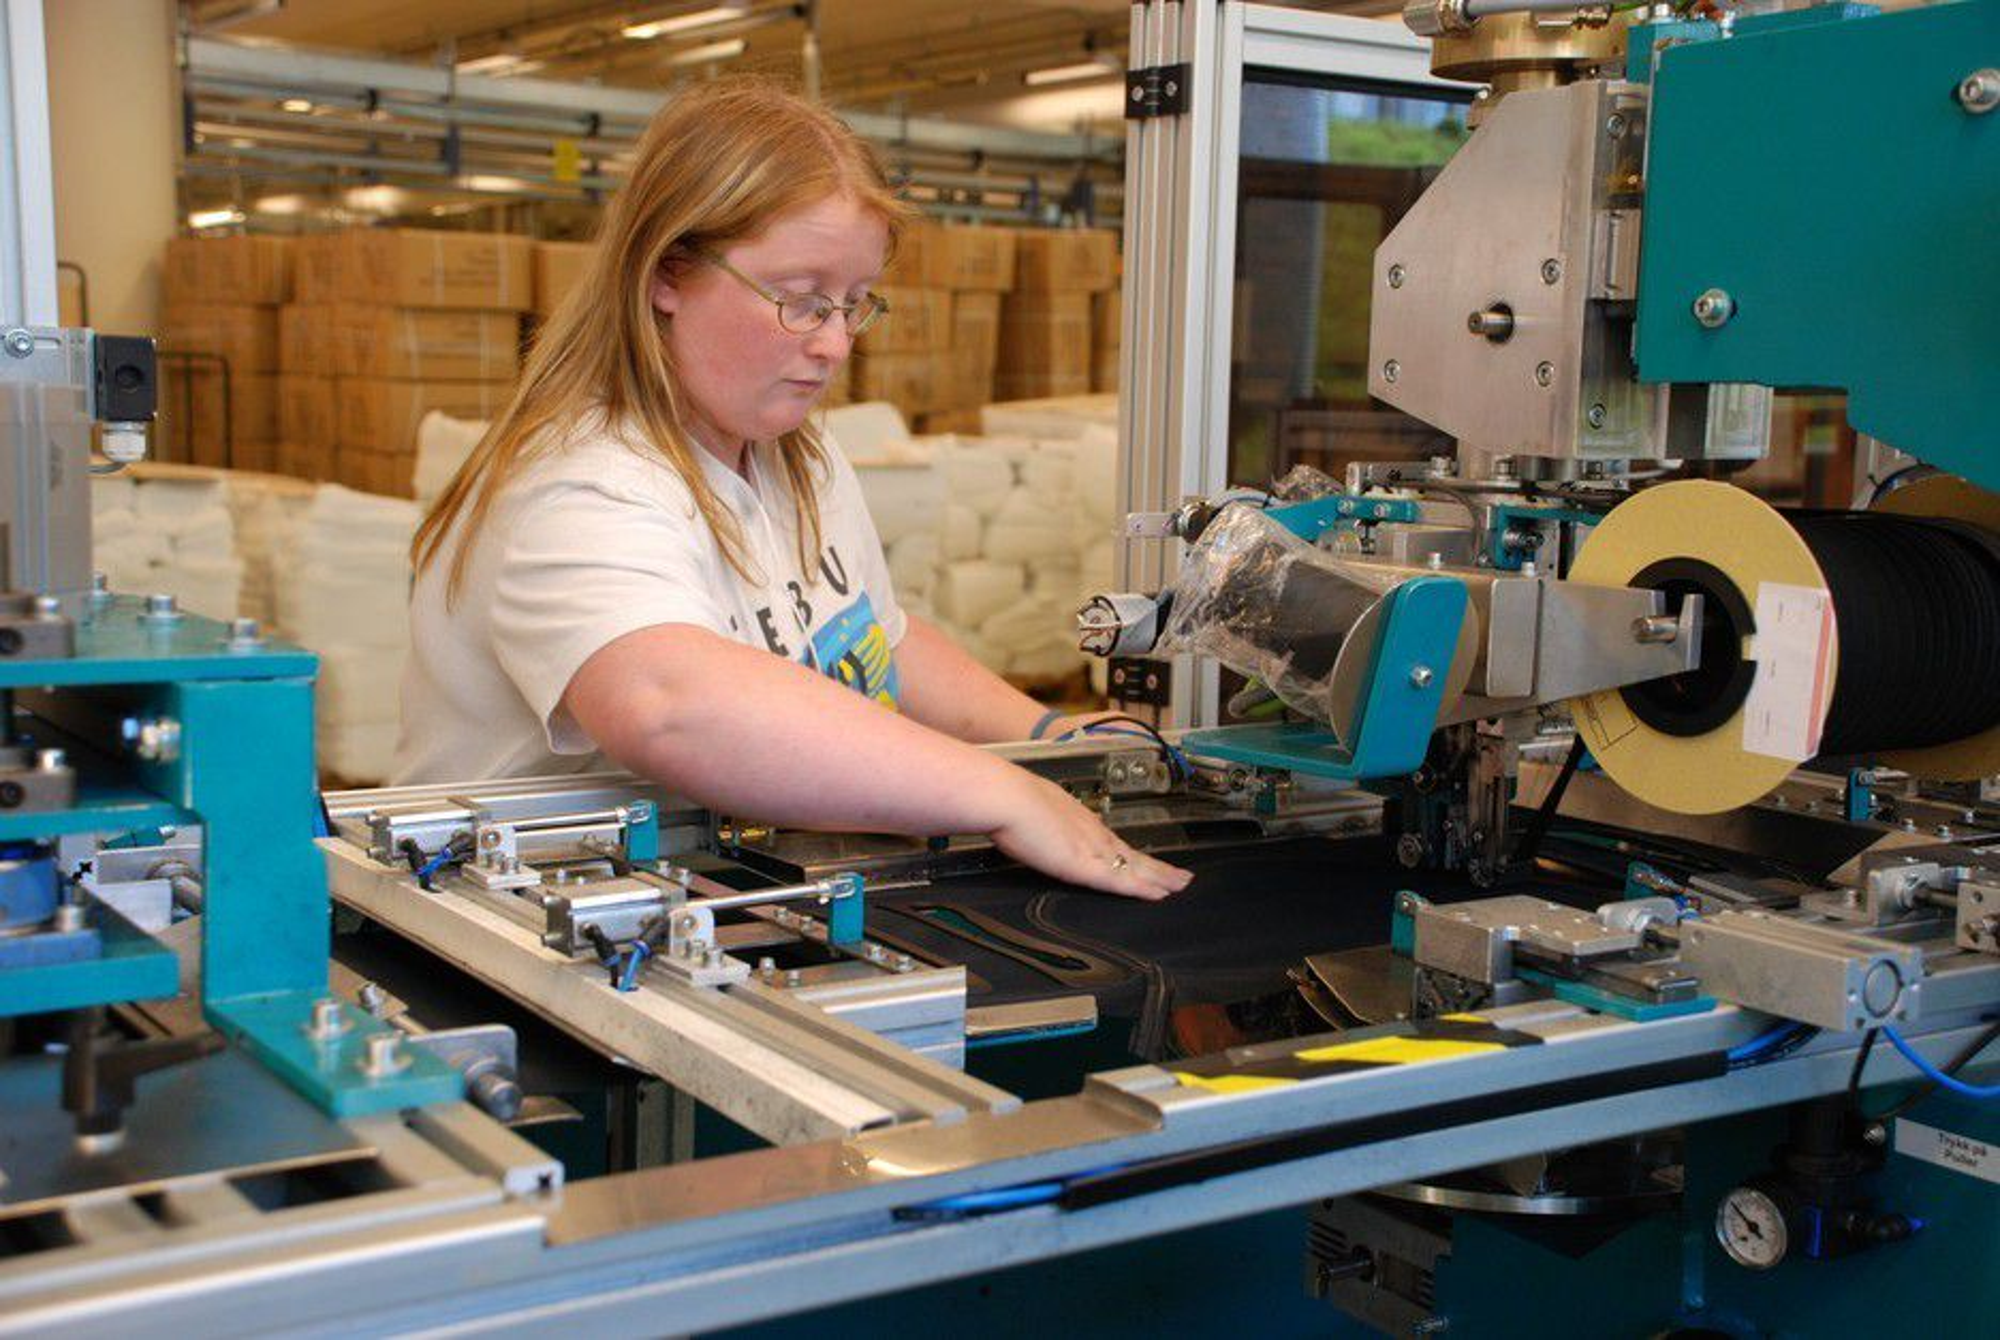 Ingerid Rømo og de andre ansatte ved Ekornes har redusert arbeidstiden for å hjelpe bedriften i vanskelige tider.